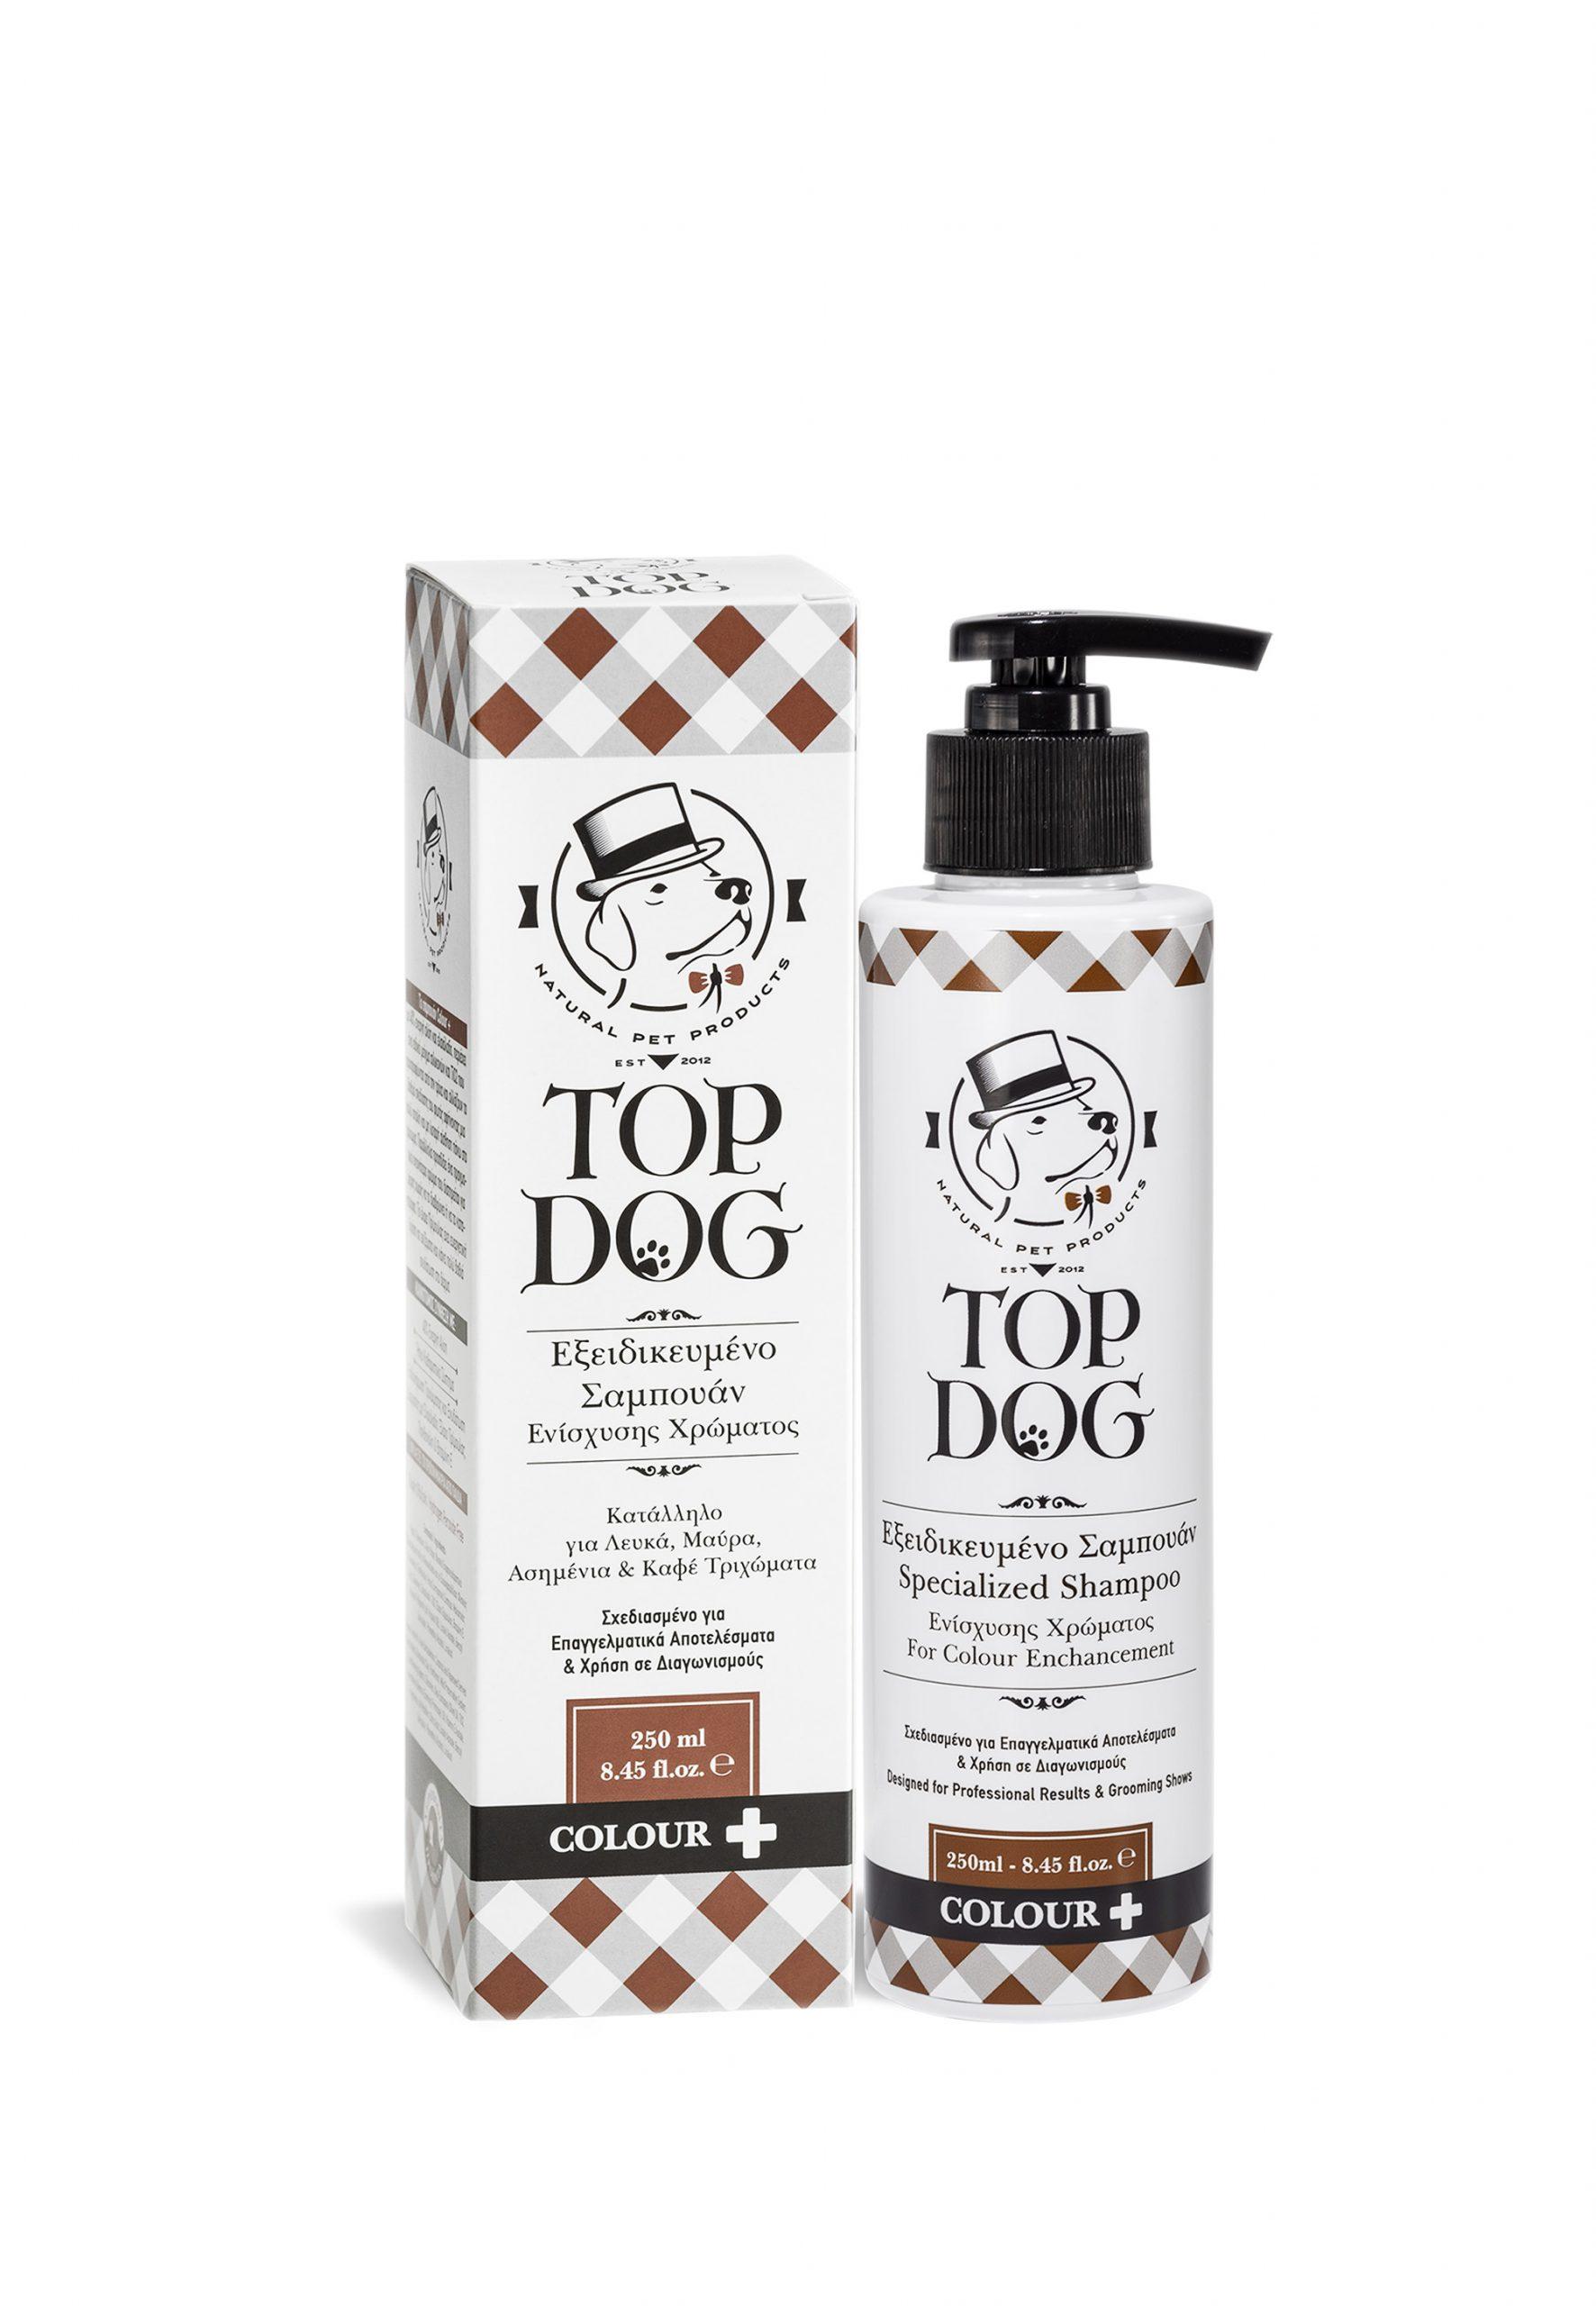 Σαμπουάν Top Dog Color Plus